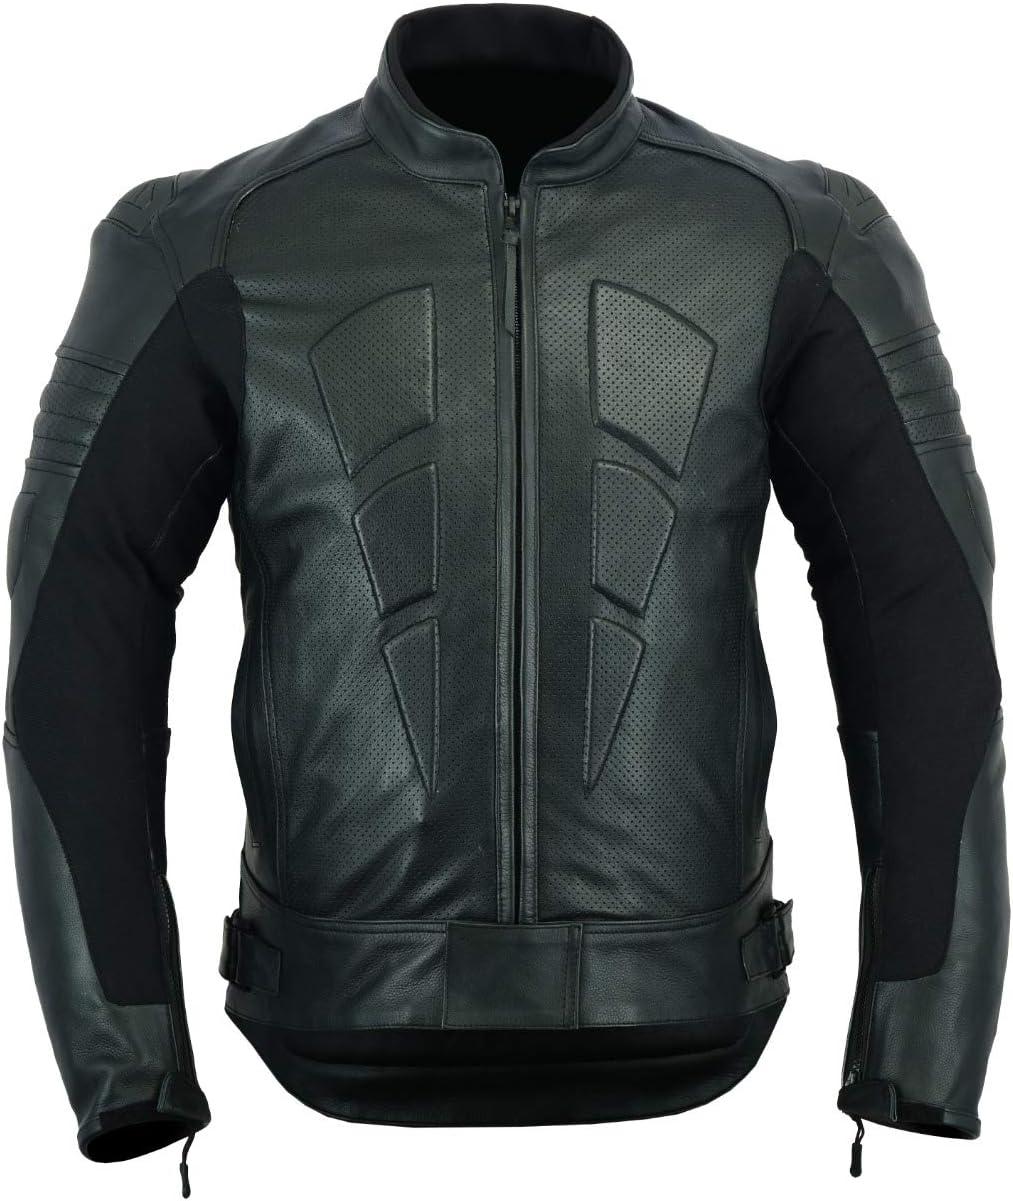 chaqueta de cuero de moto deportiva barata